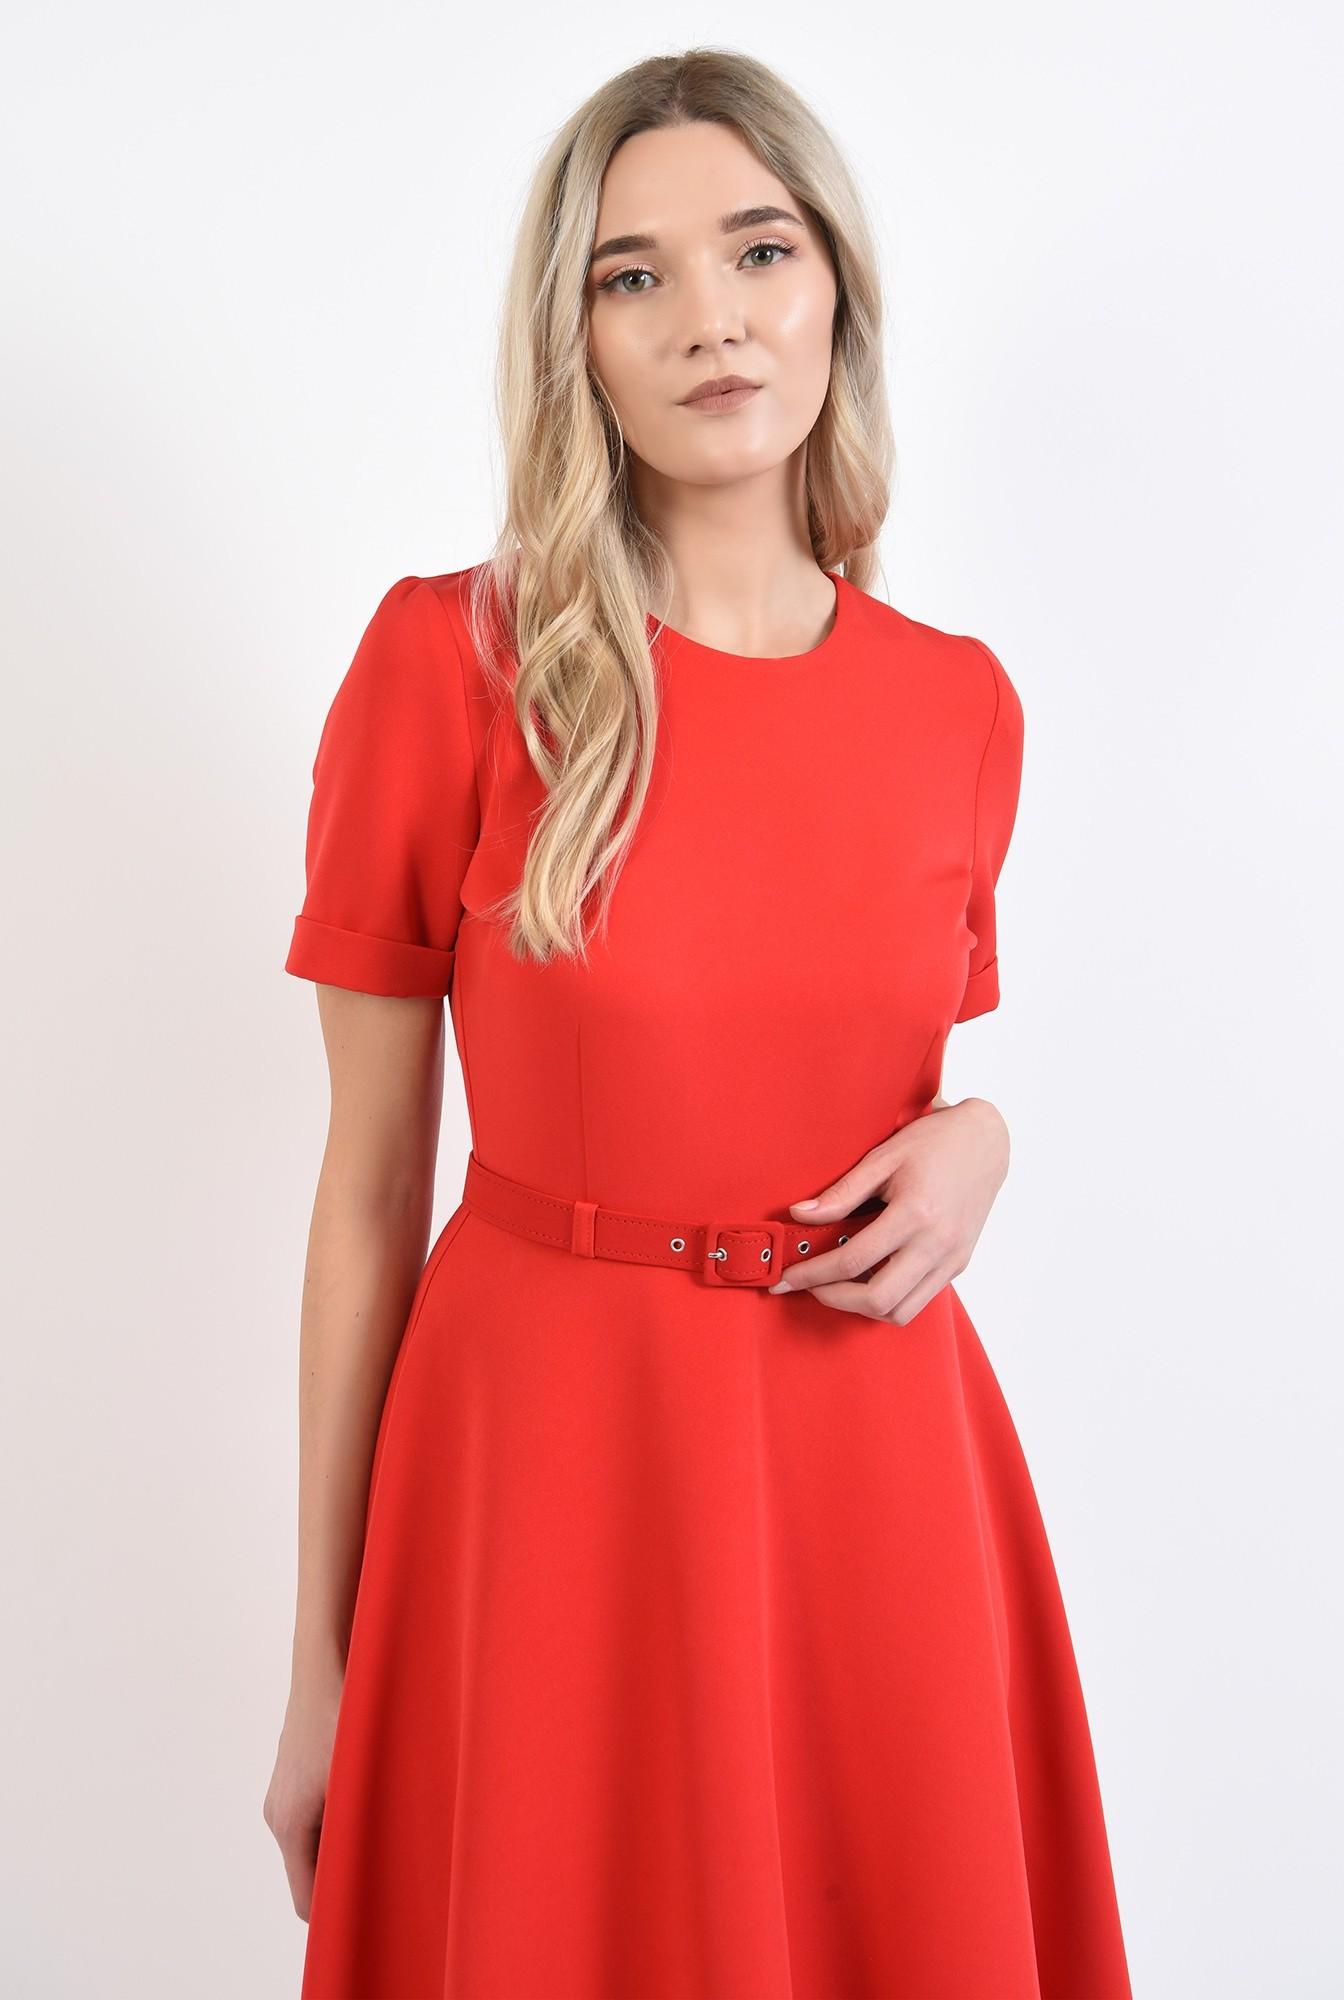 2 - rochie office, rosie, evazata, cu maneci scurte, fermoar la spate